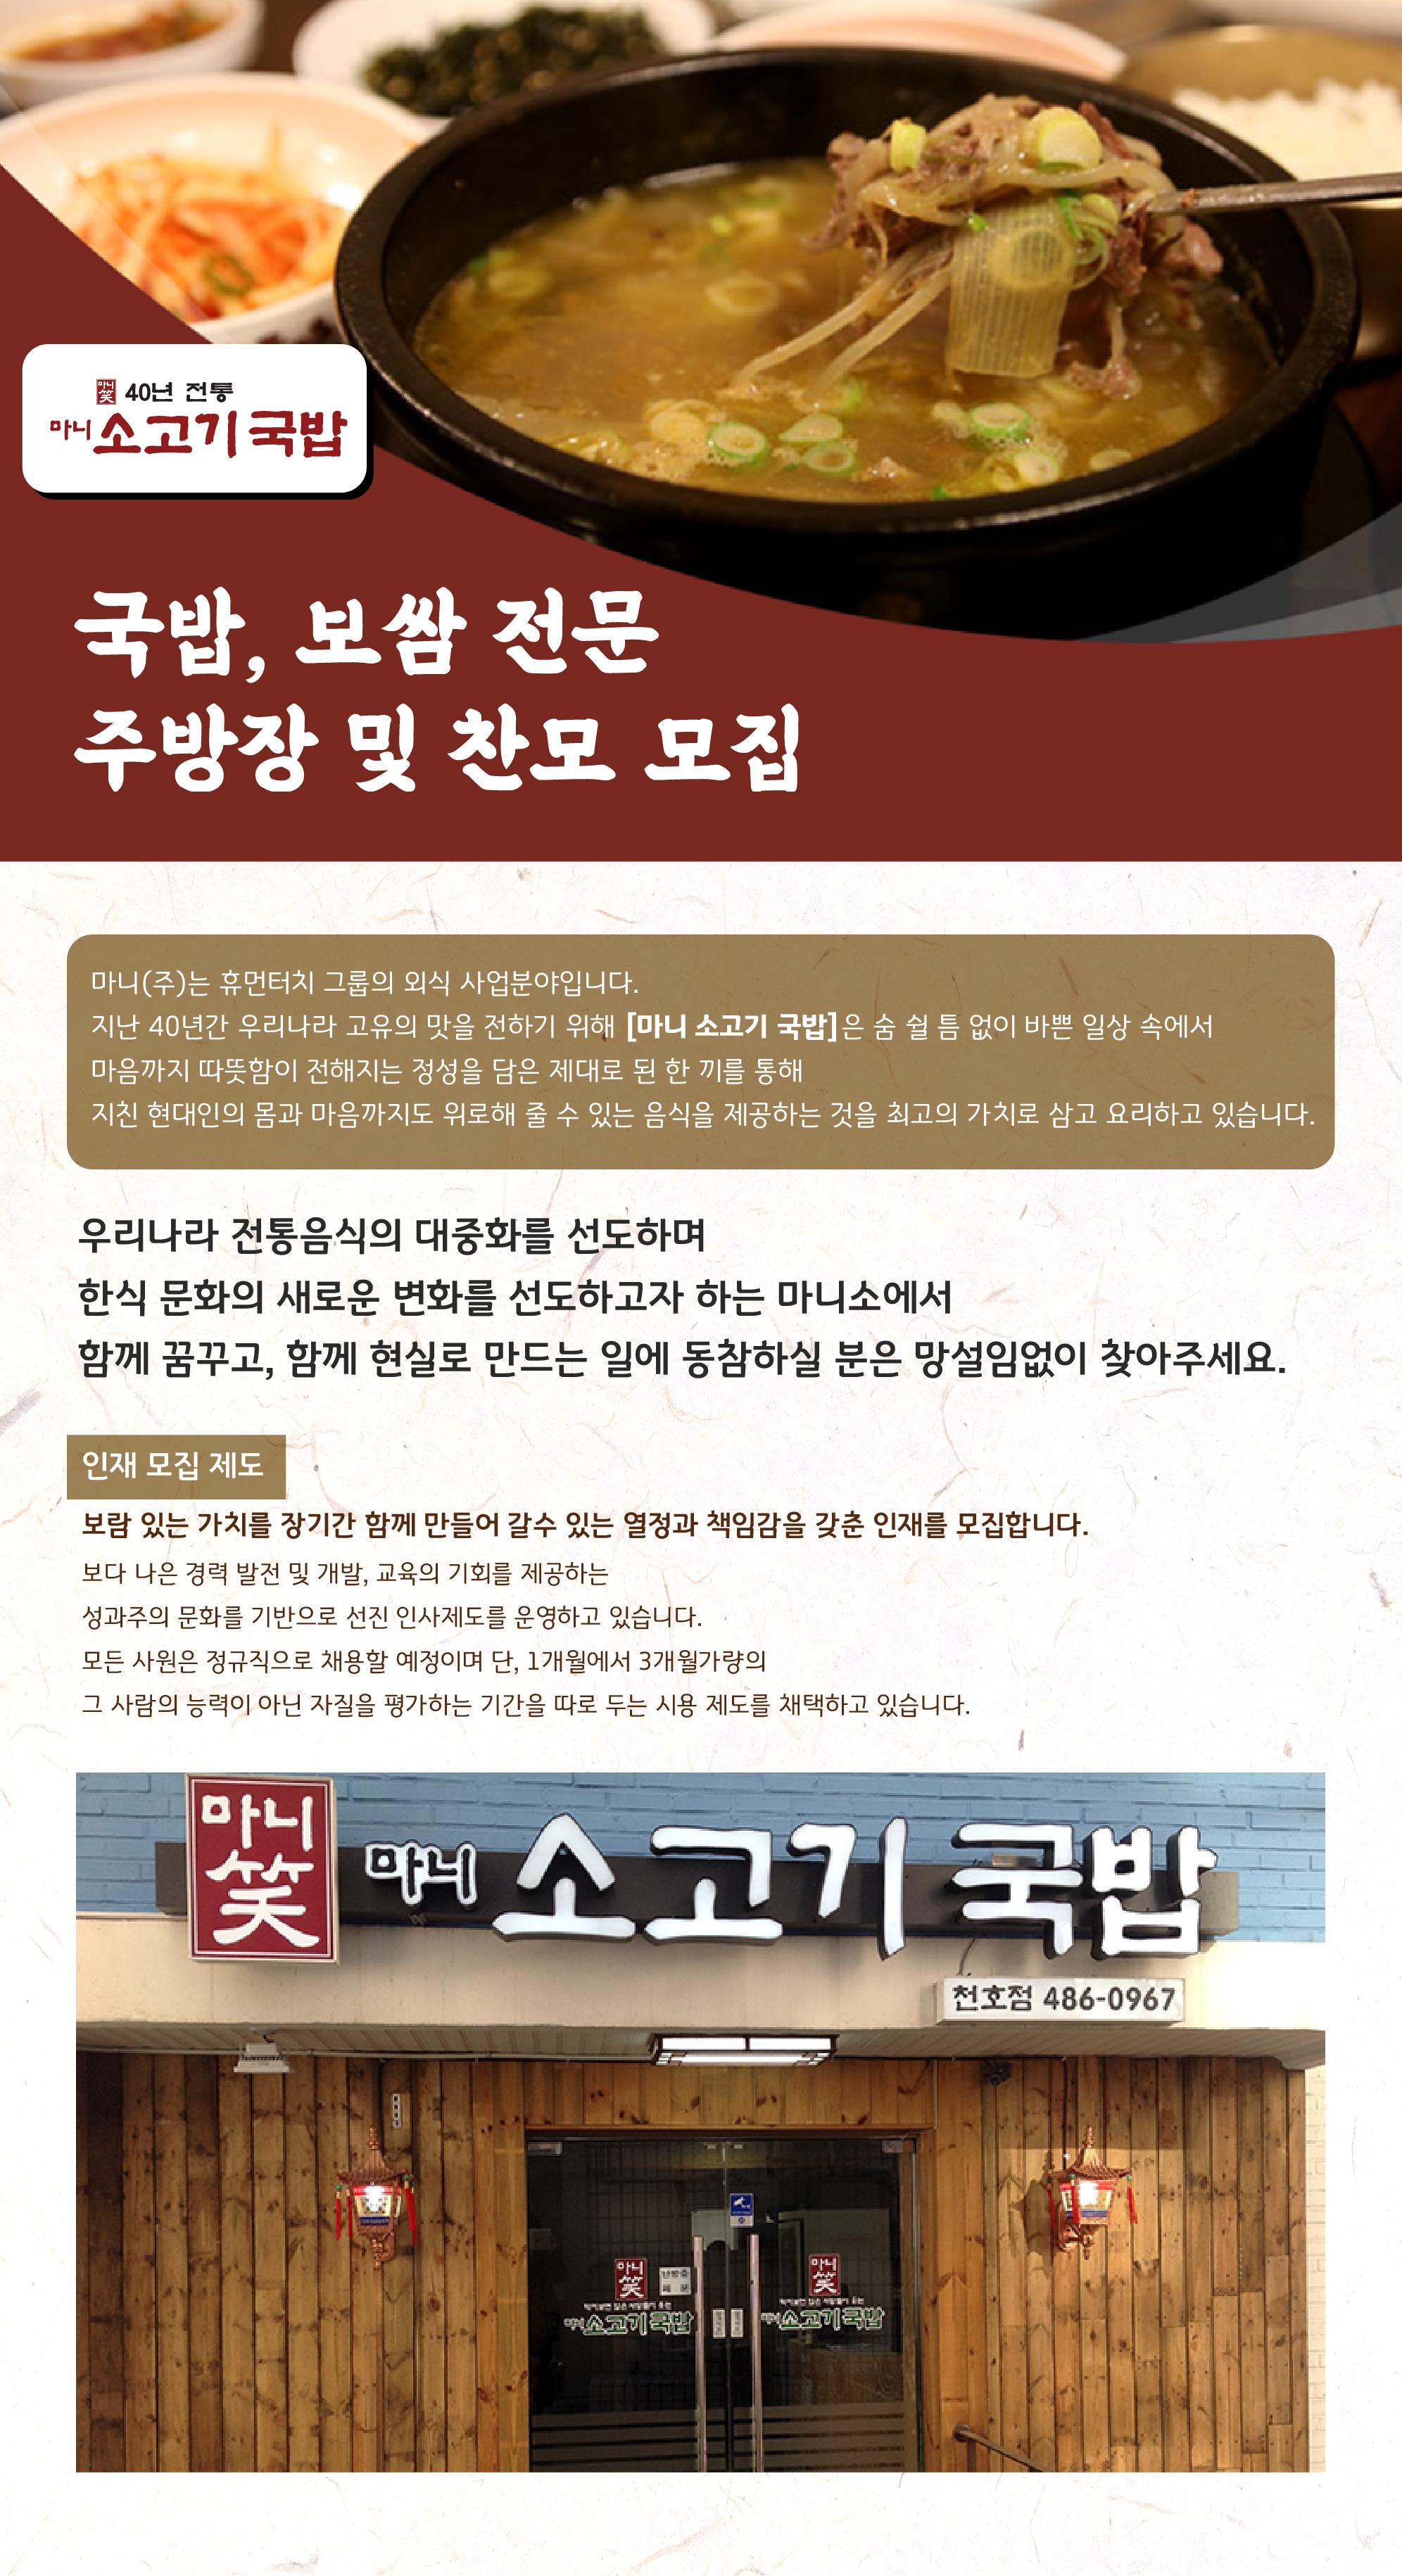 마니소 채용공고디자인-01.png